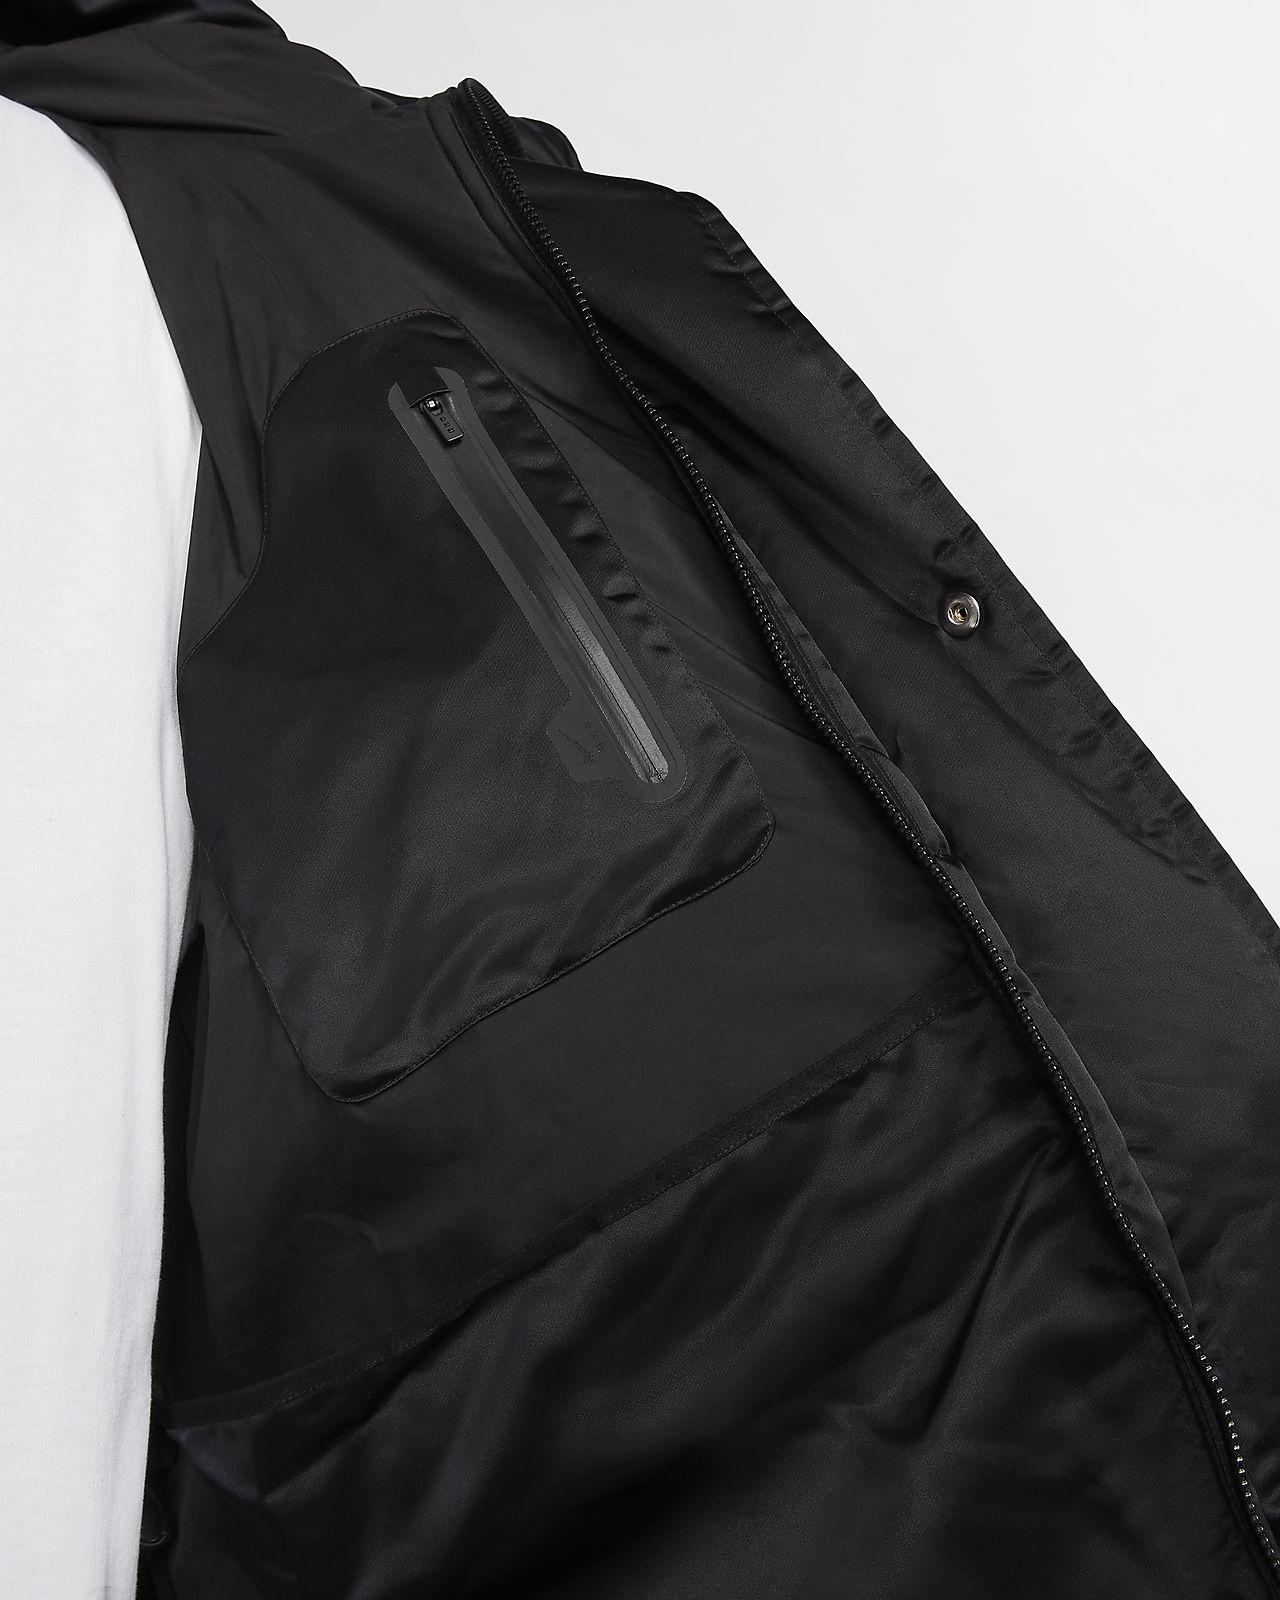 Nike x MMW Down Fill Jacket